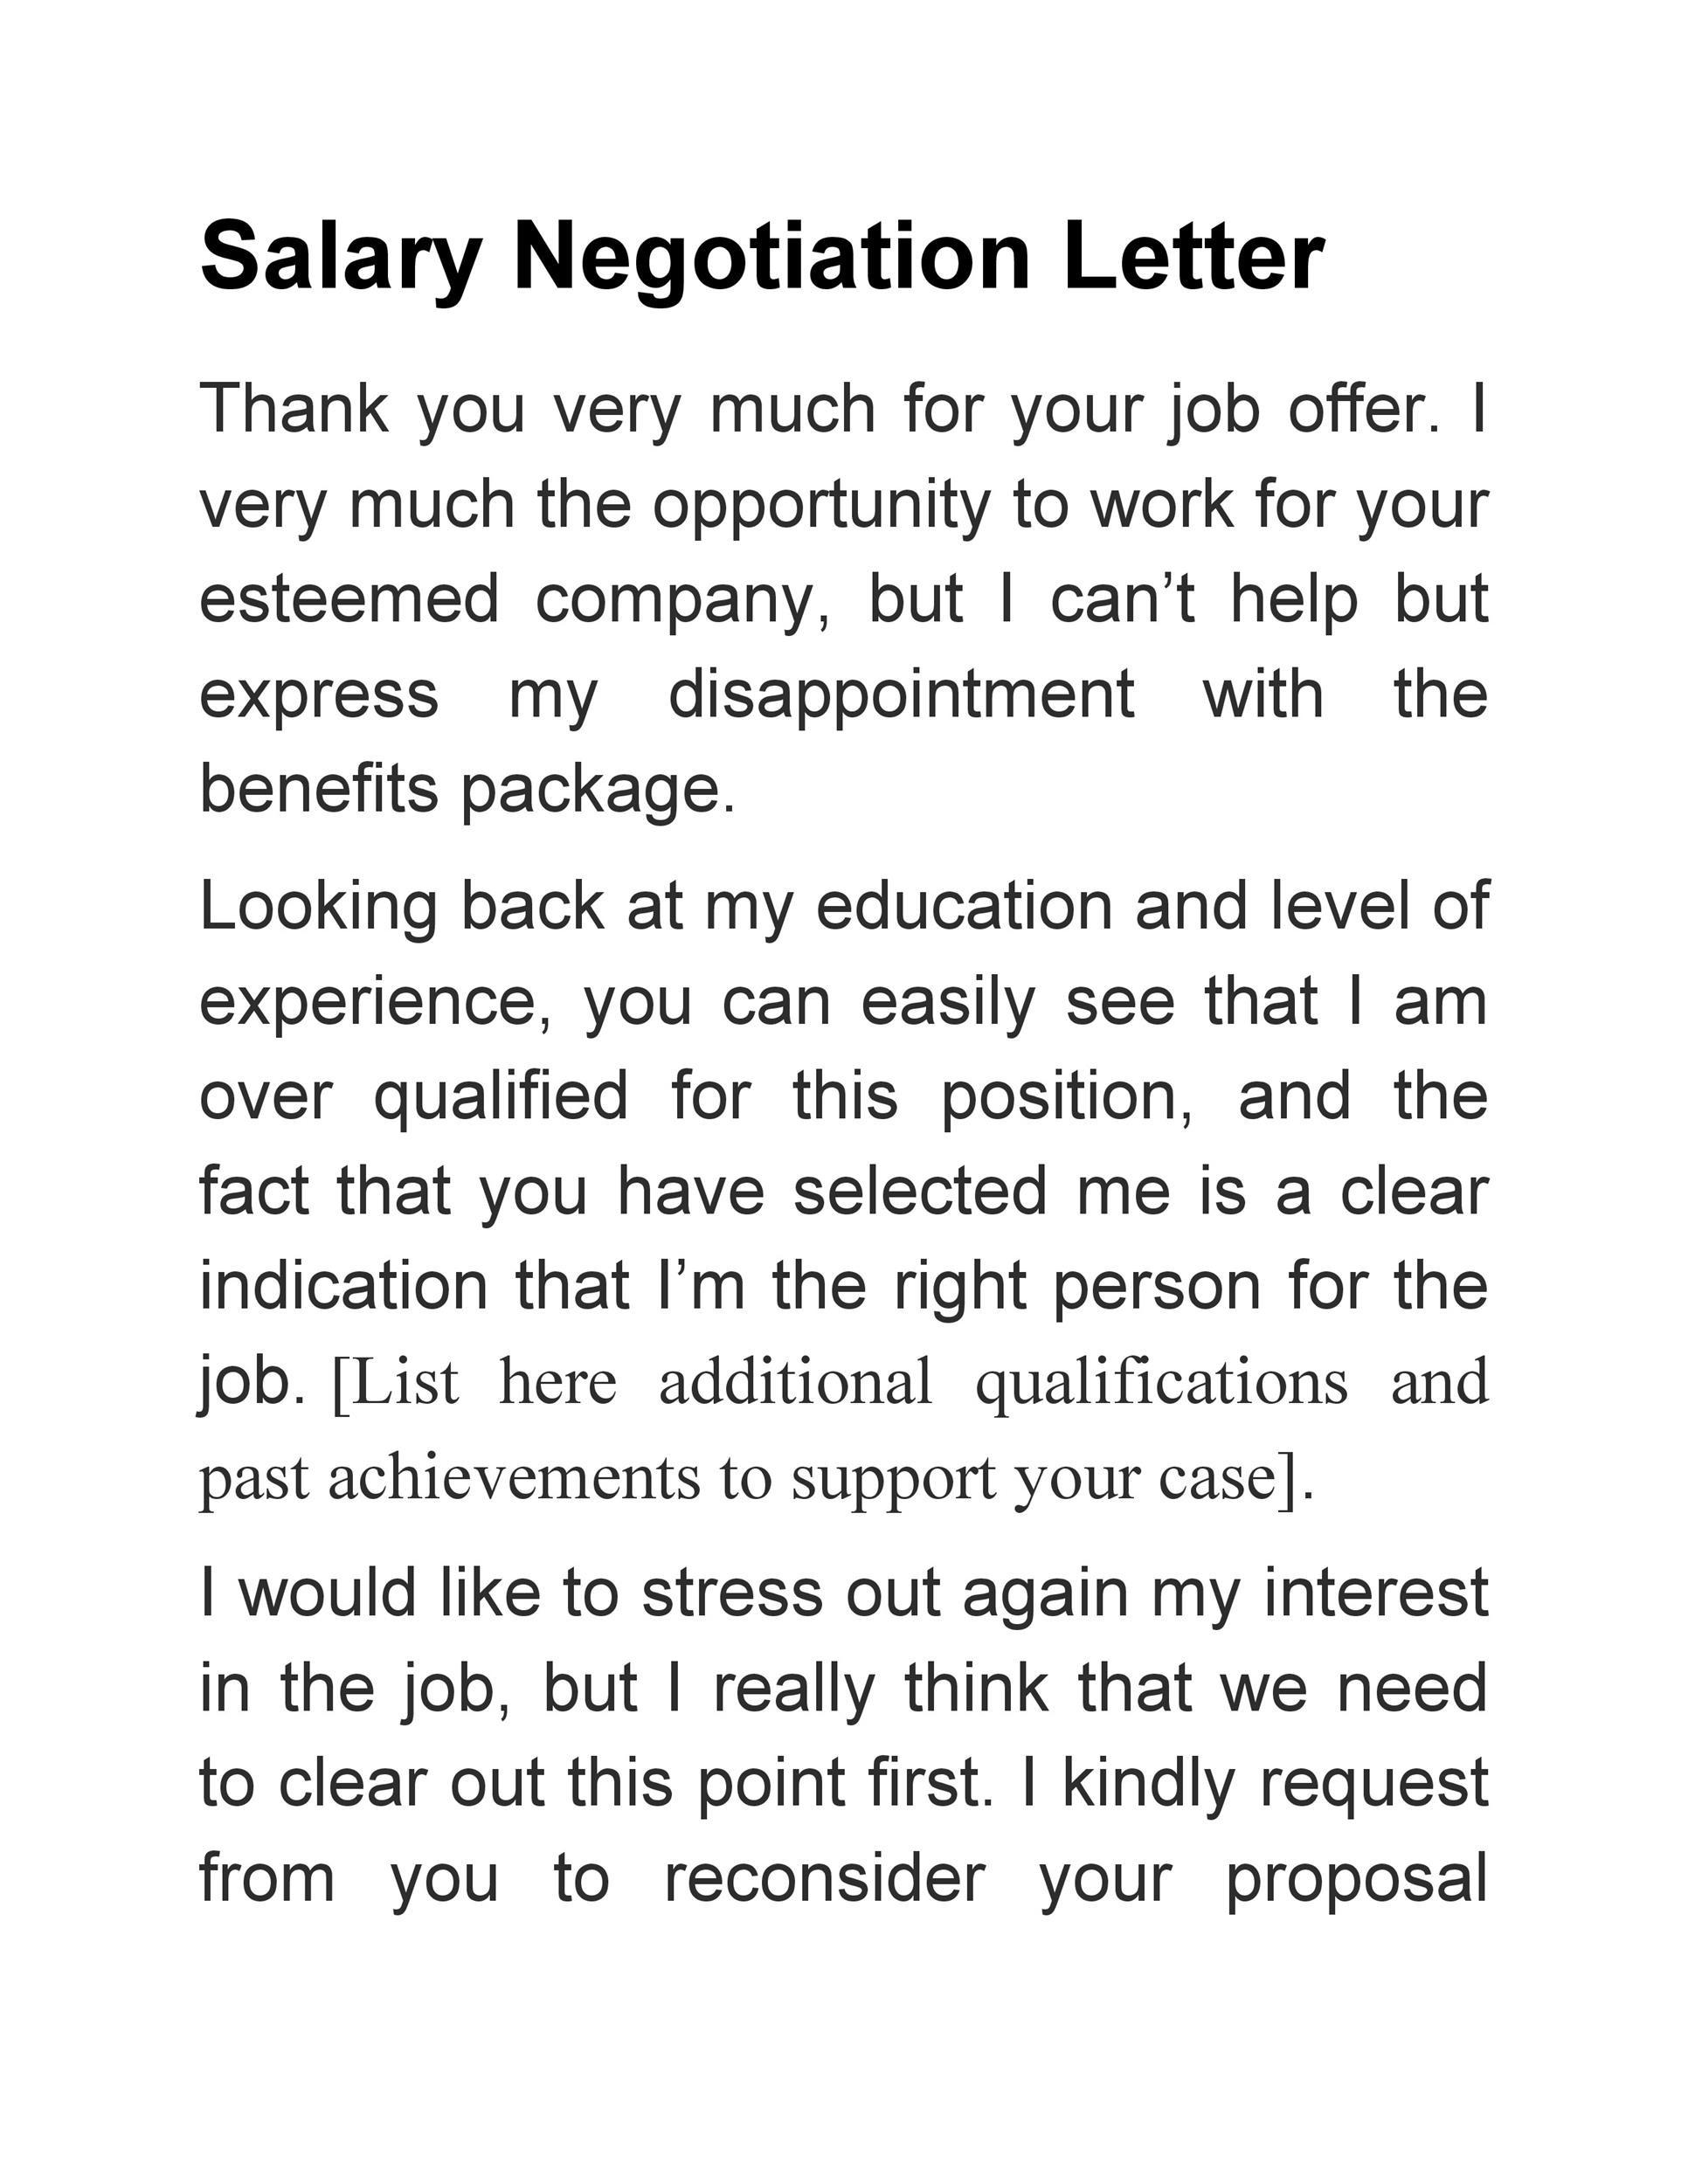 Lettre gratuite pour les négociations salariales 20